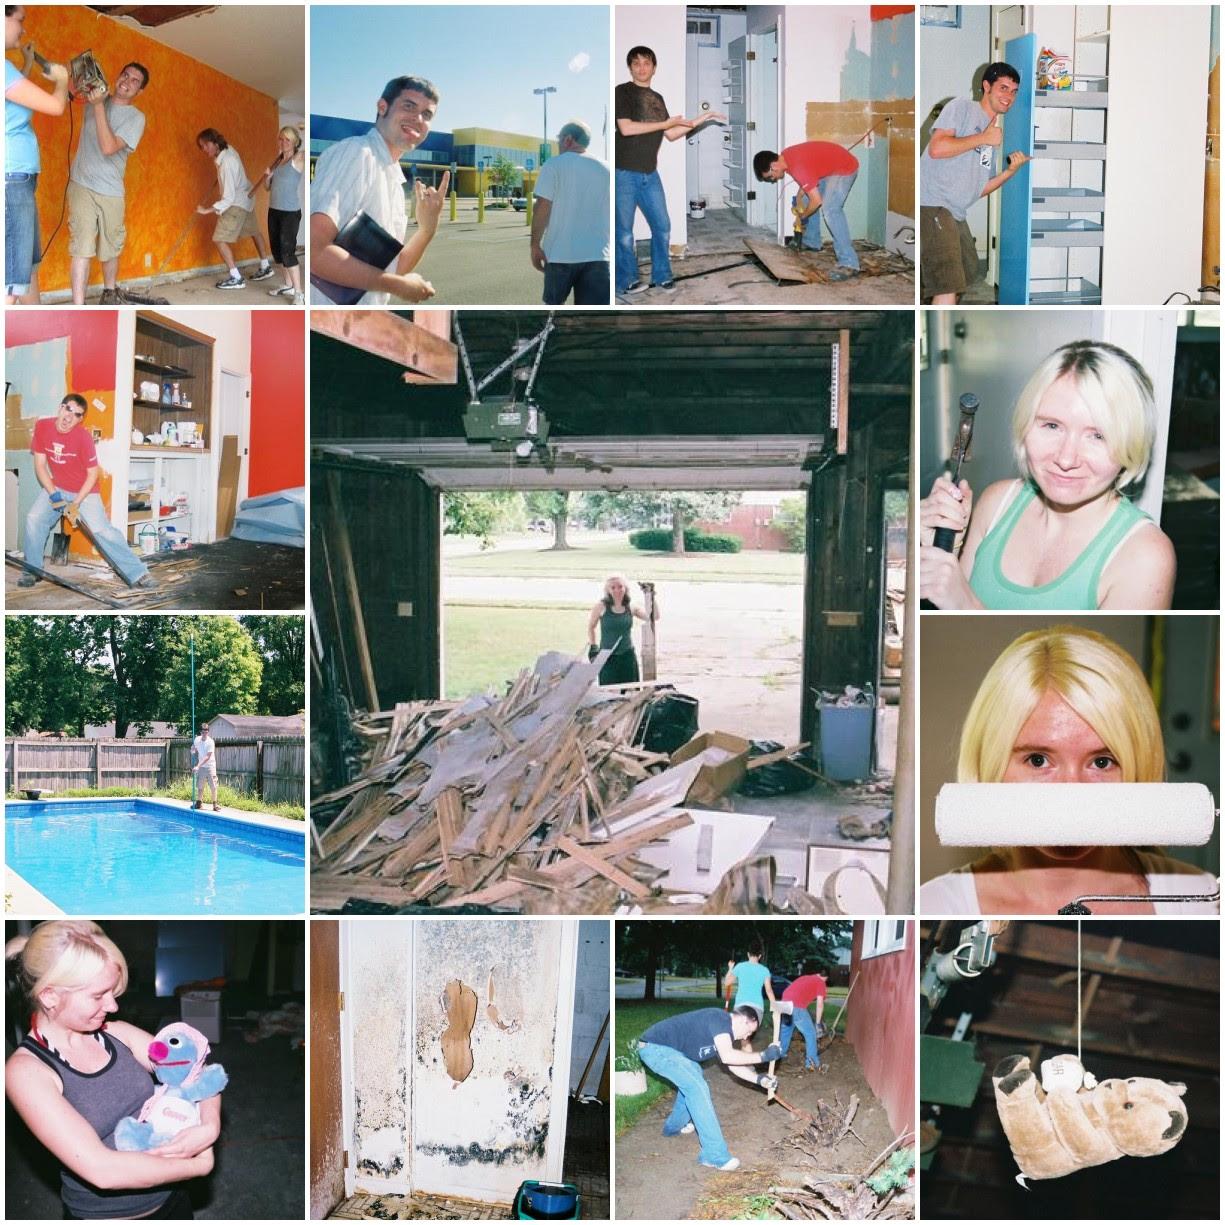 rehab photos mosaic